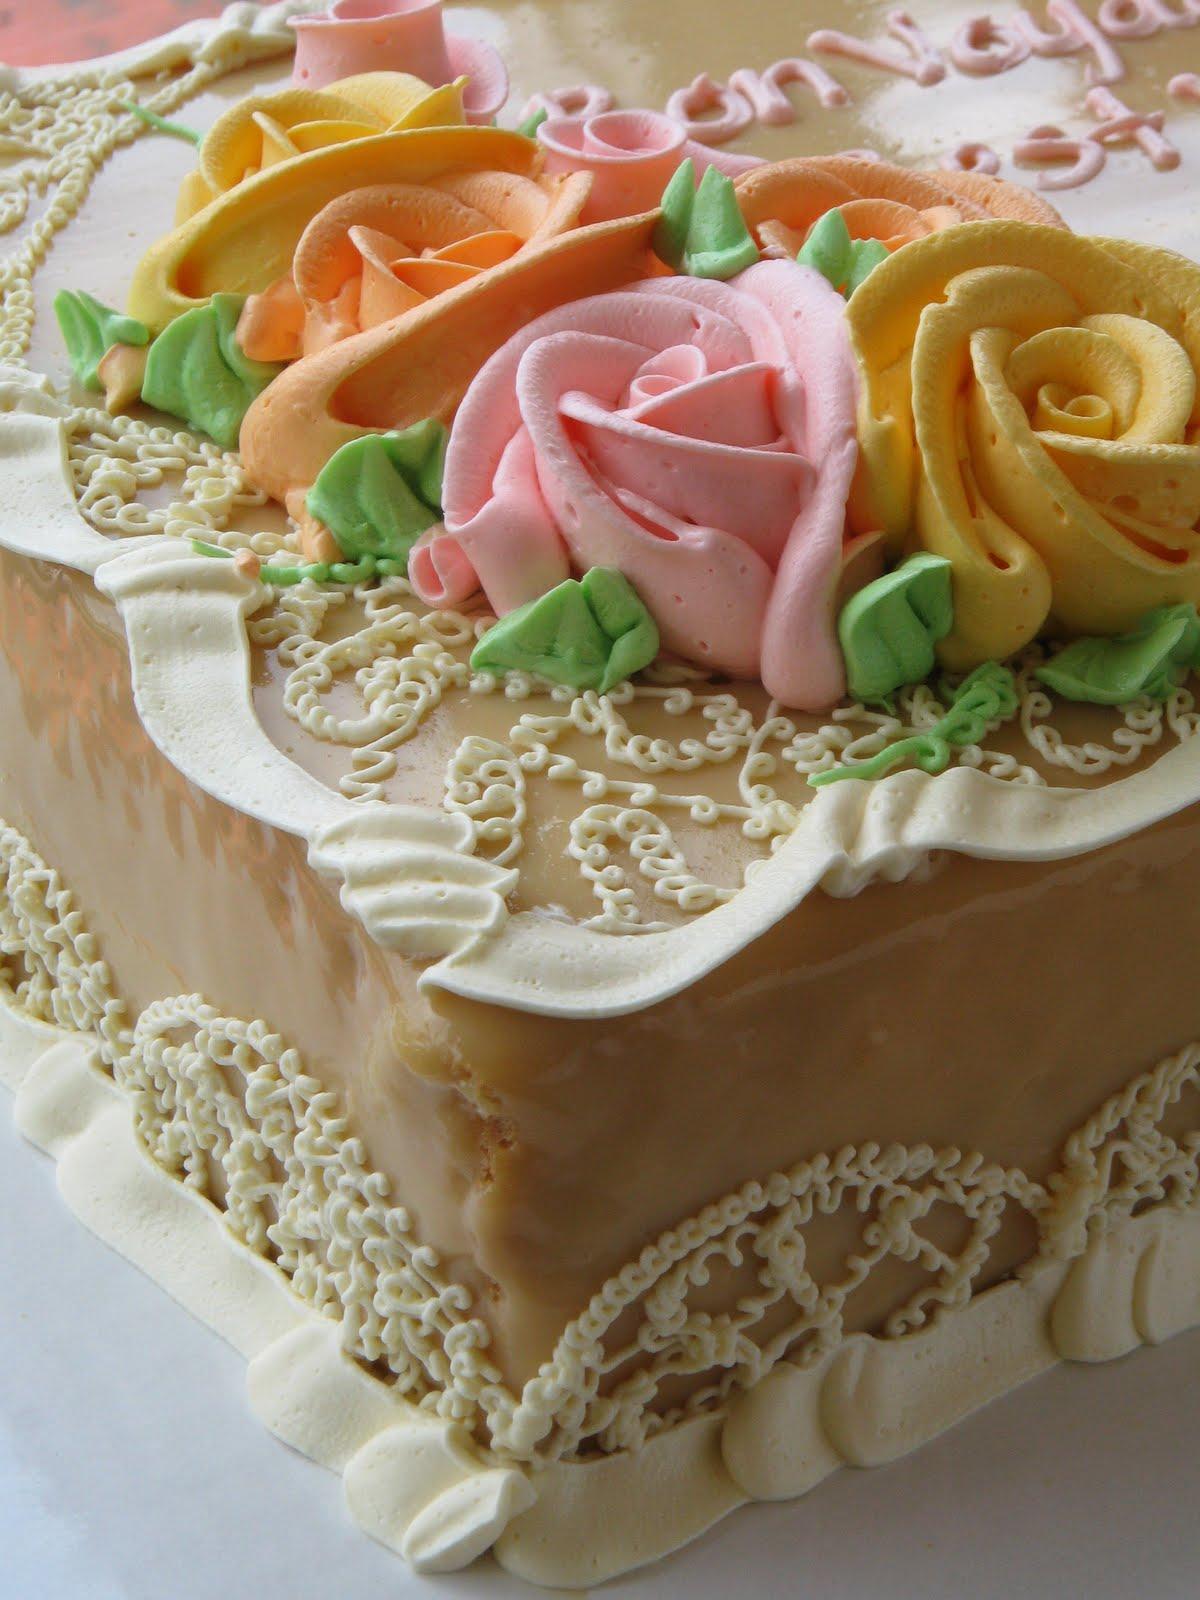 Nelusko Cake Recipe